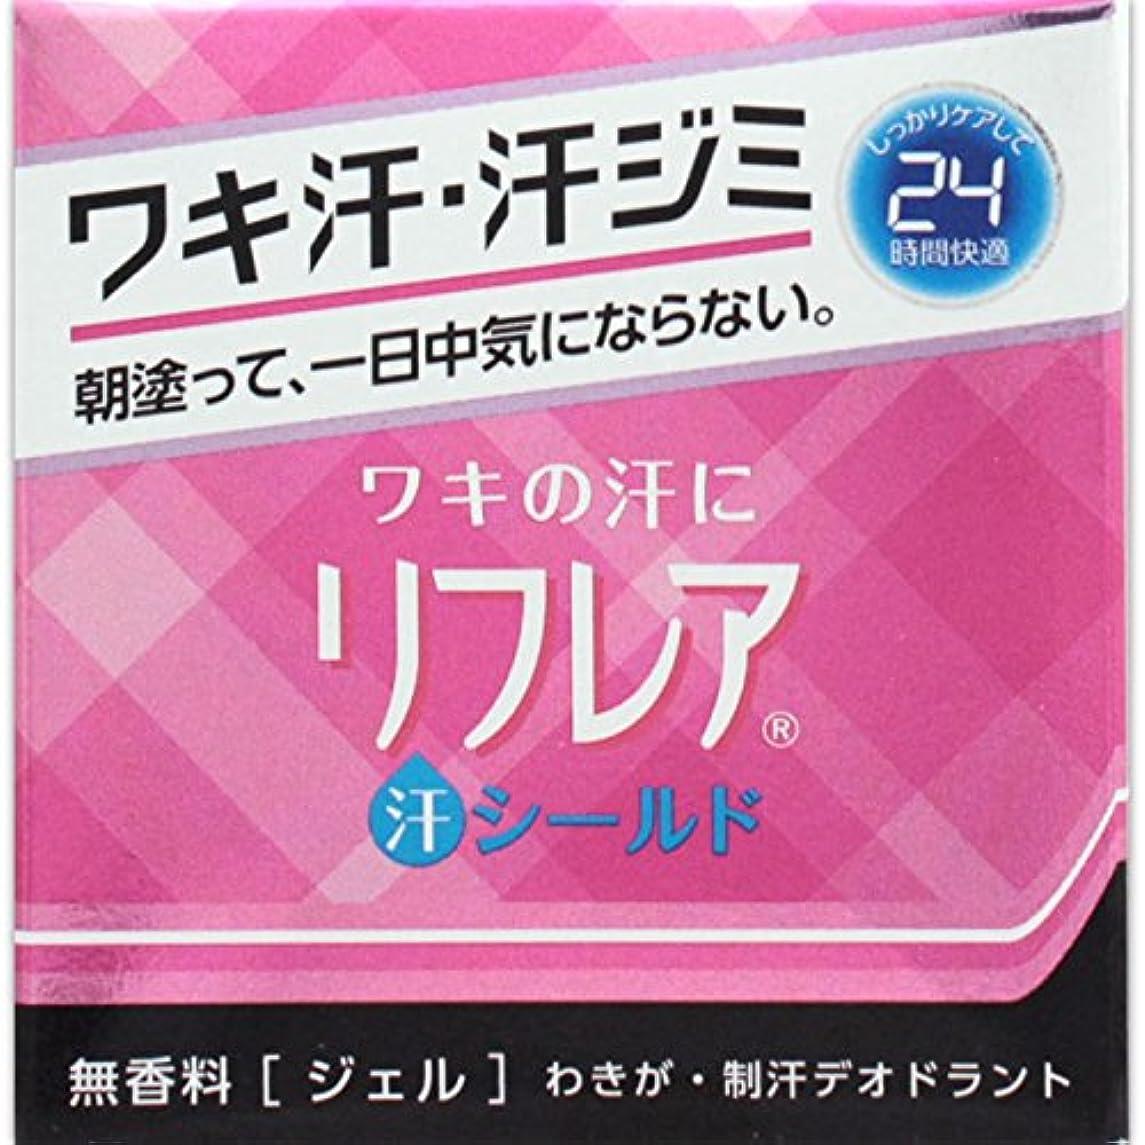 永久にチャーミング排泄物【医薬部外品】リフレア 汗シールド パーフェクトジェル 48g